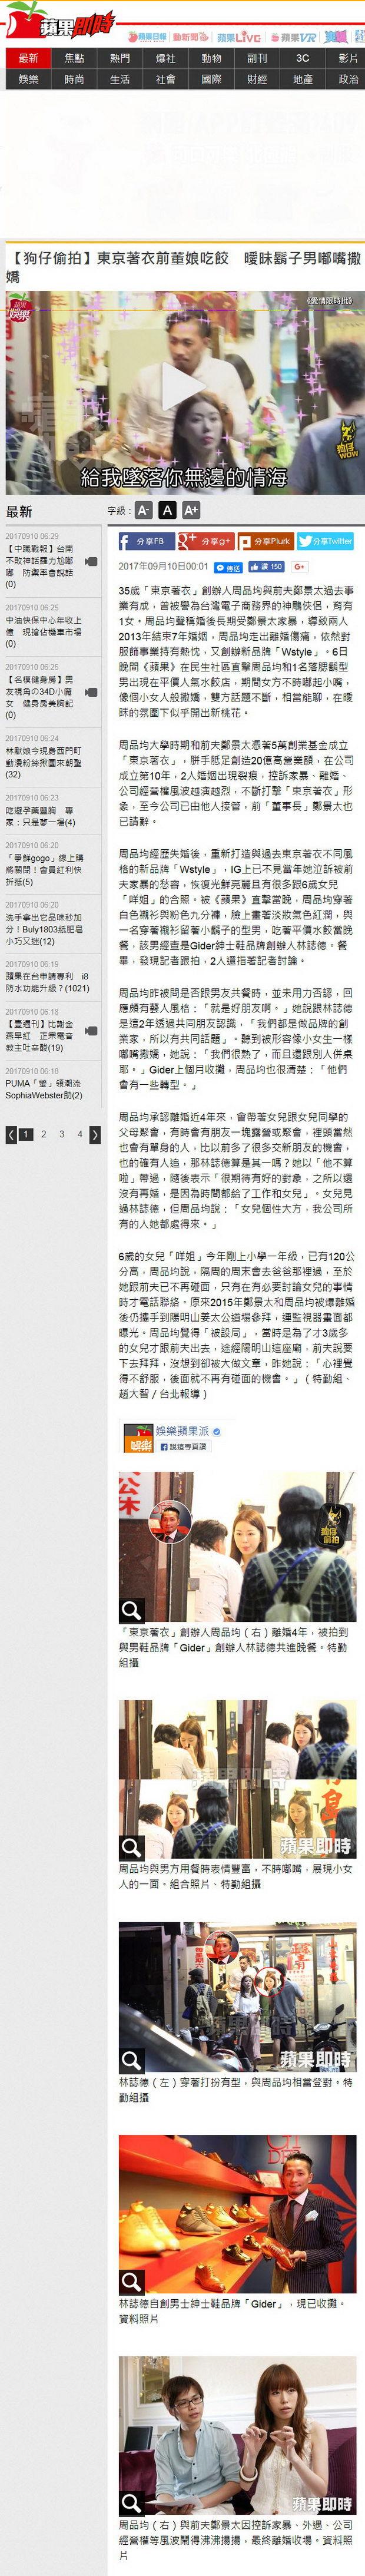 東京著衣前董娘吃餃 曖昧鬍子男嘟嘴撒嬌-2017.09.10.jpg